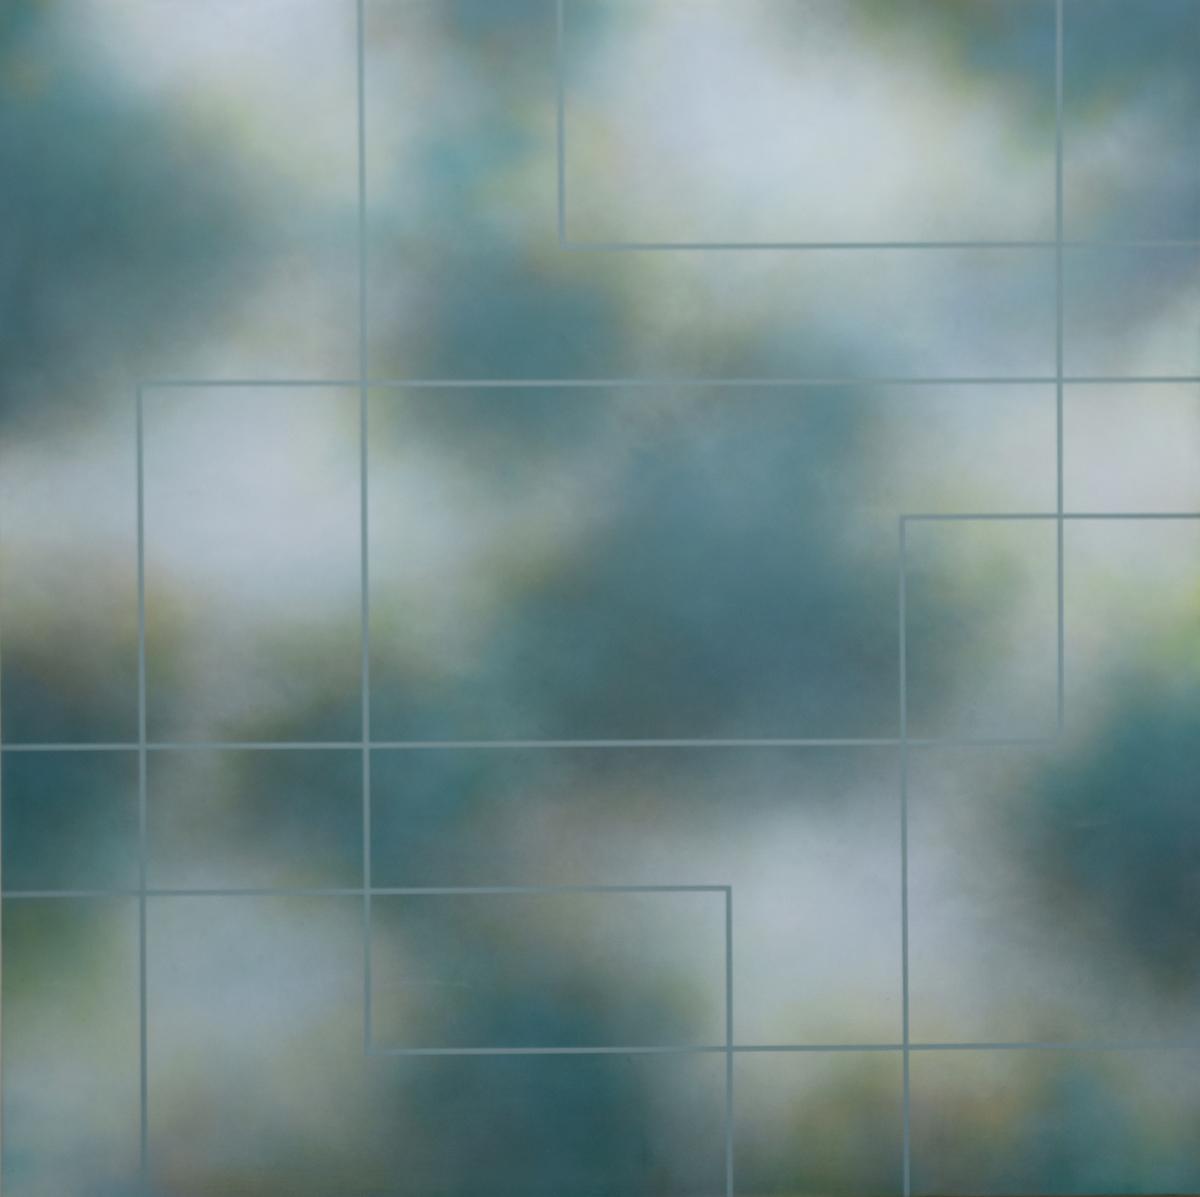 Motivet viser horisontale og vertikale striper som svever mot en ulmende og ufokusert blåfarget bakgrunn. De ulike bildeplaner settes opp mot hverandre og skaper med det en spenning i billedflaten mellom det forestillende og det abstraherte.